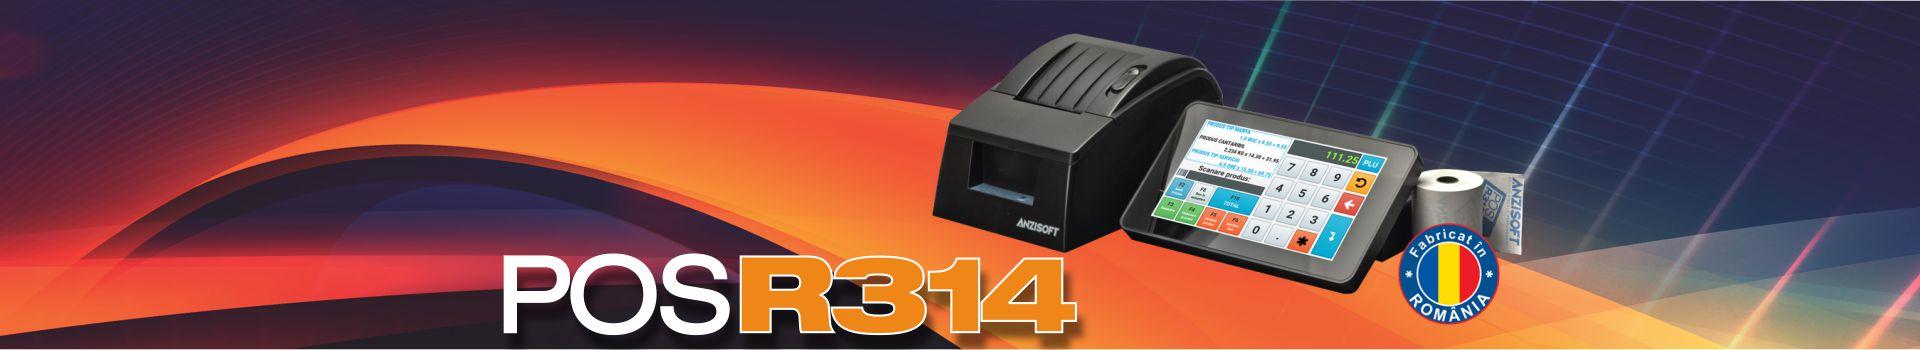 POS R314 - Retail